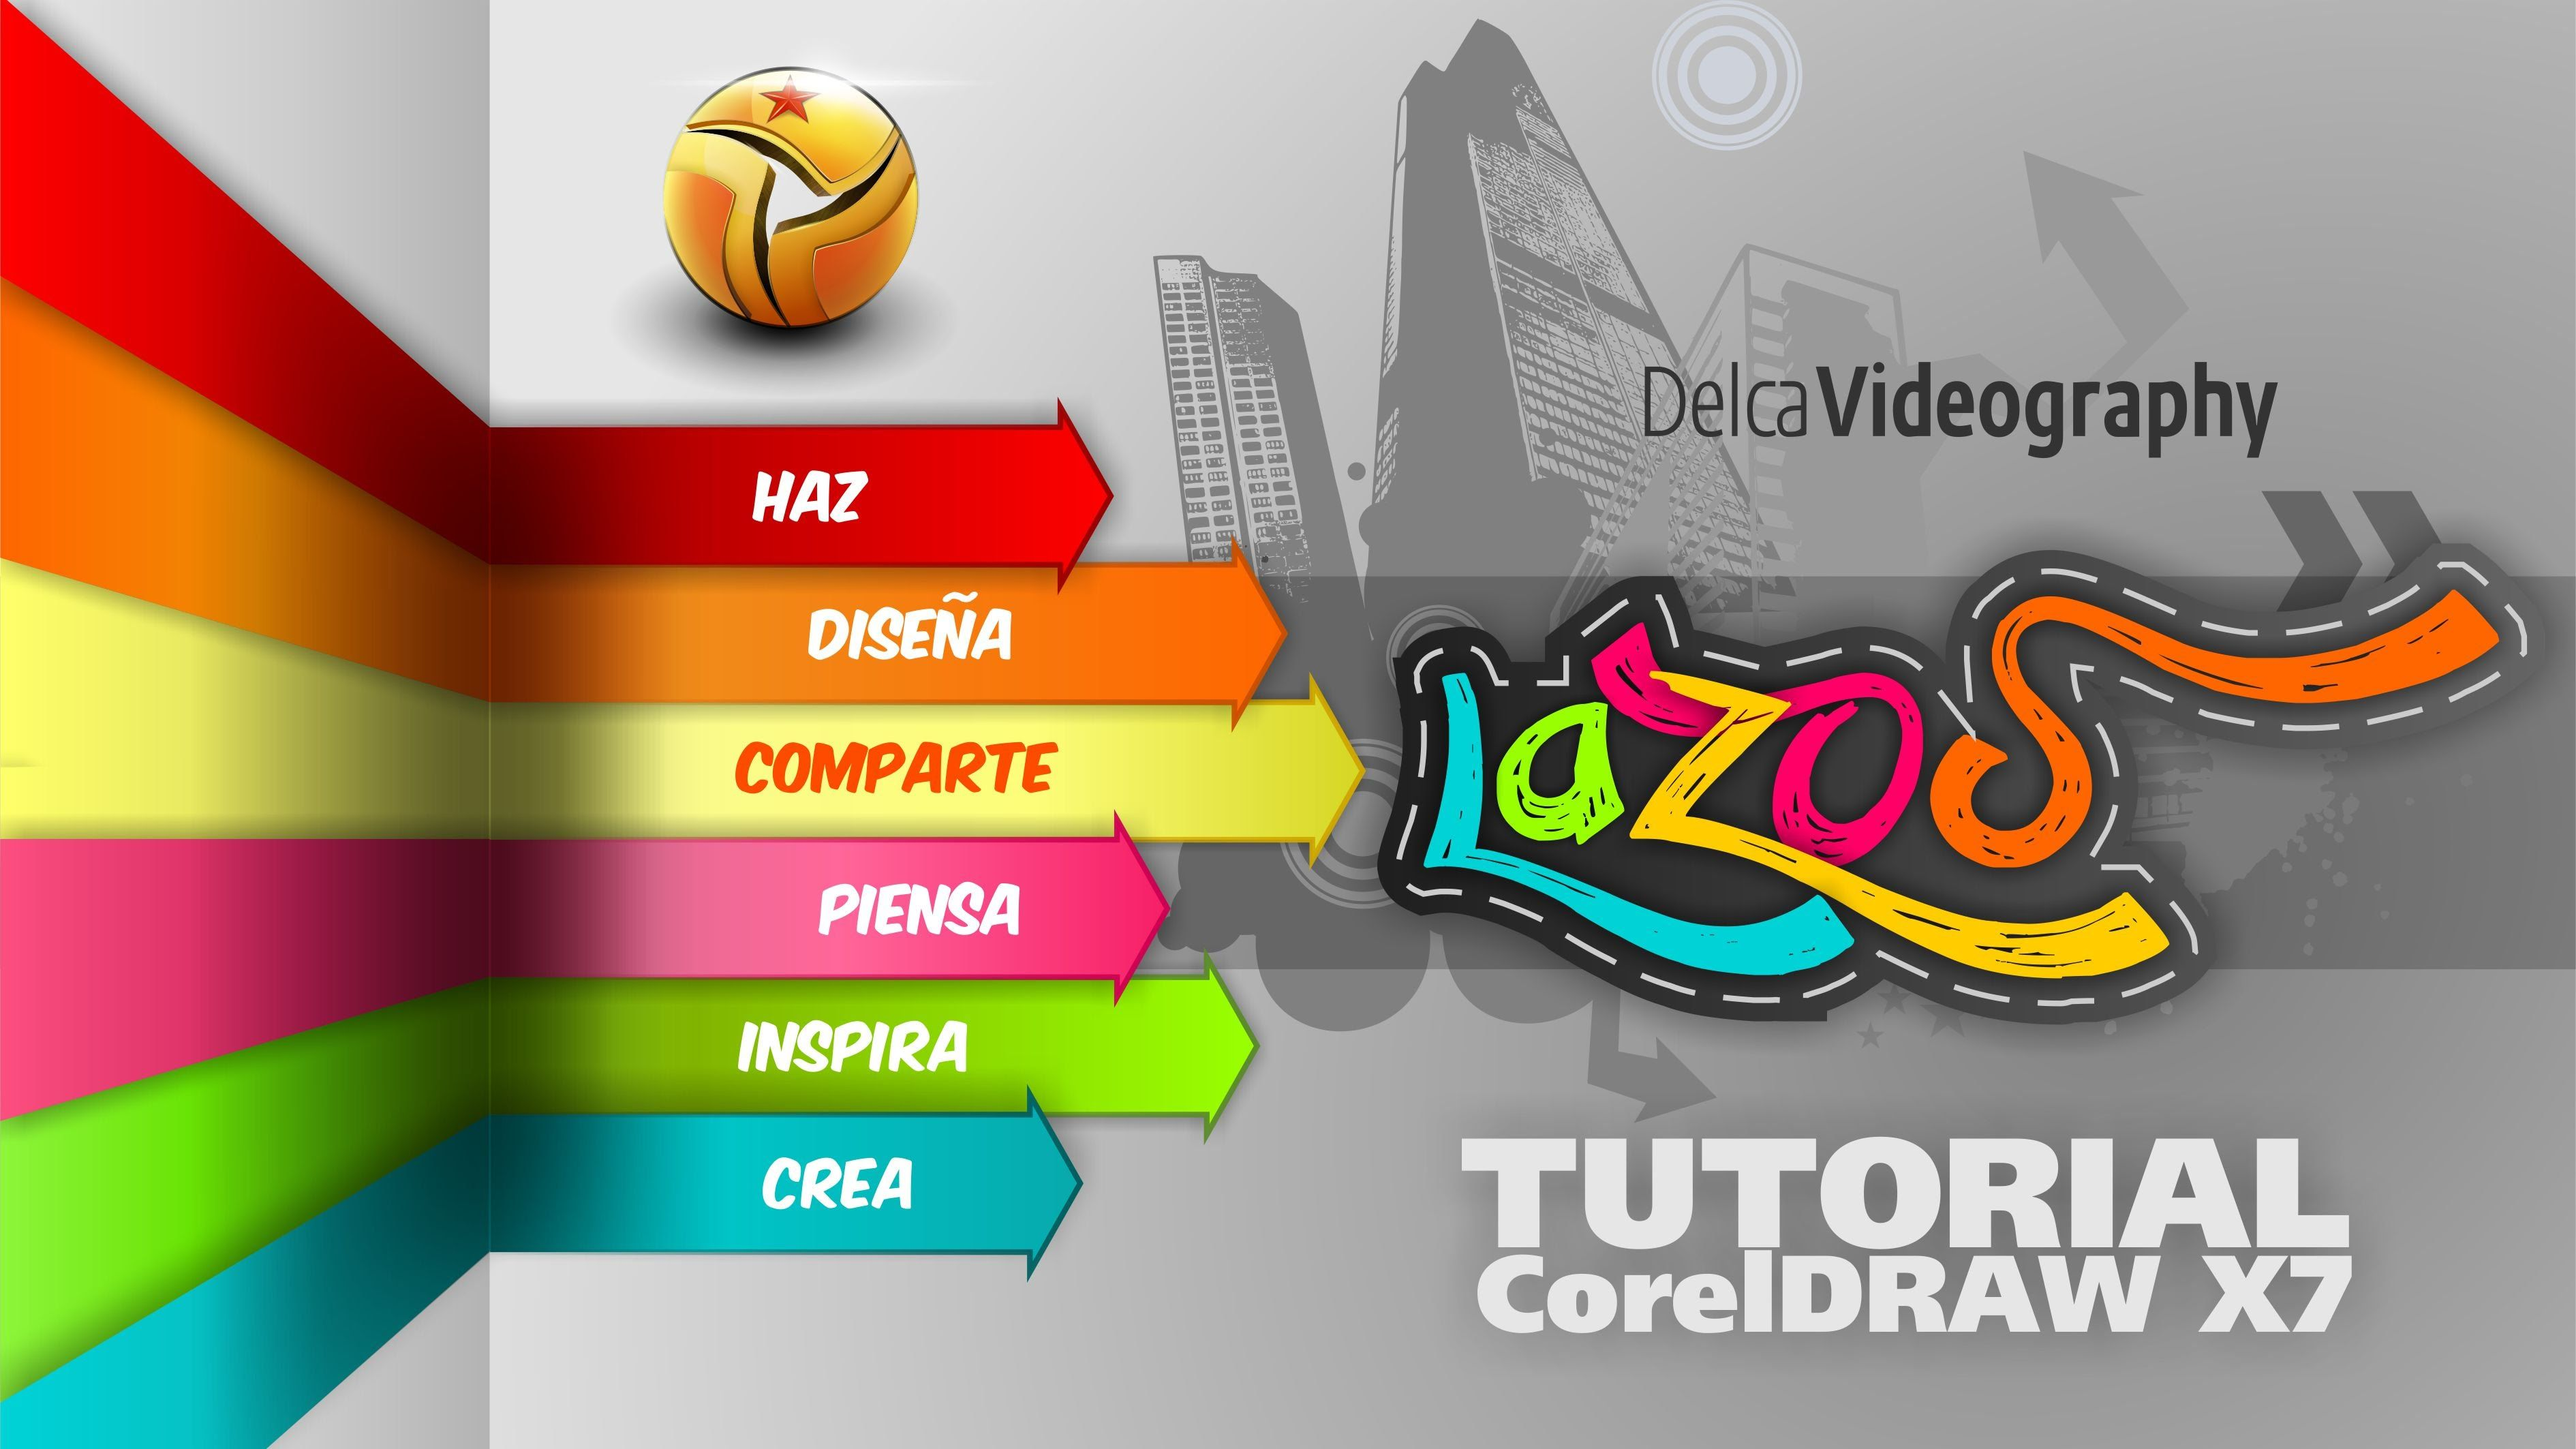 Poster design in coreldraw x7 - Coreldraw Tutorials Youtube Watches